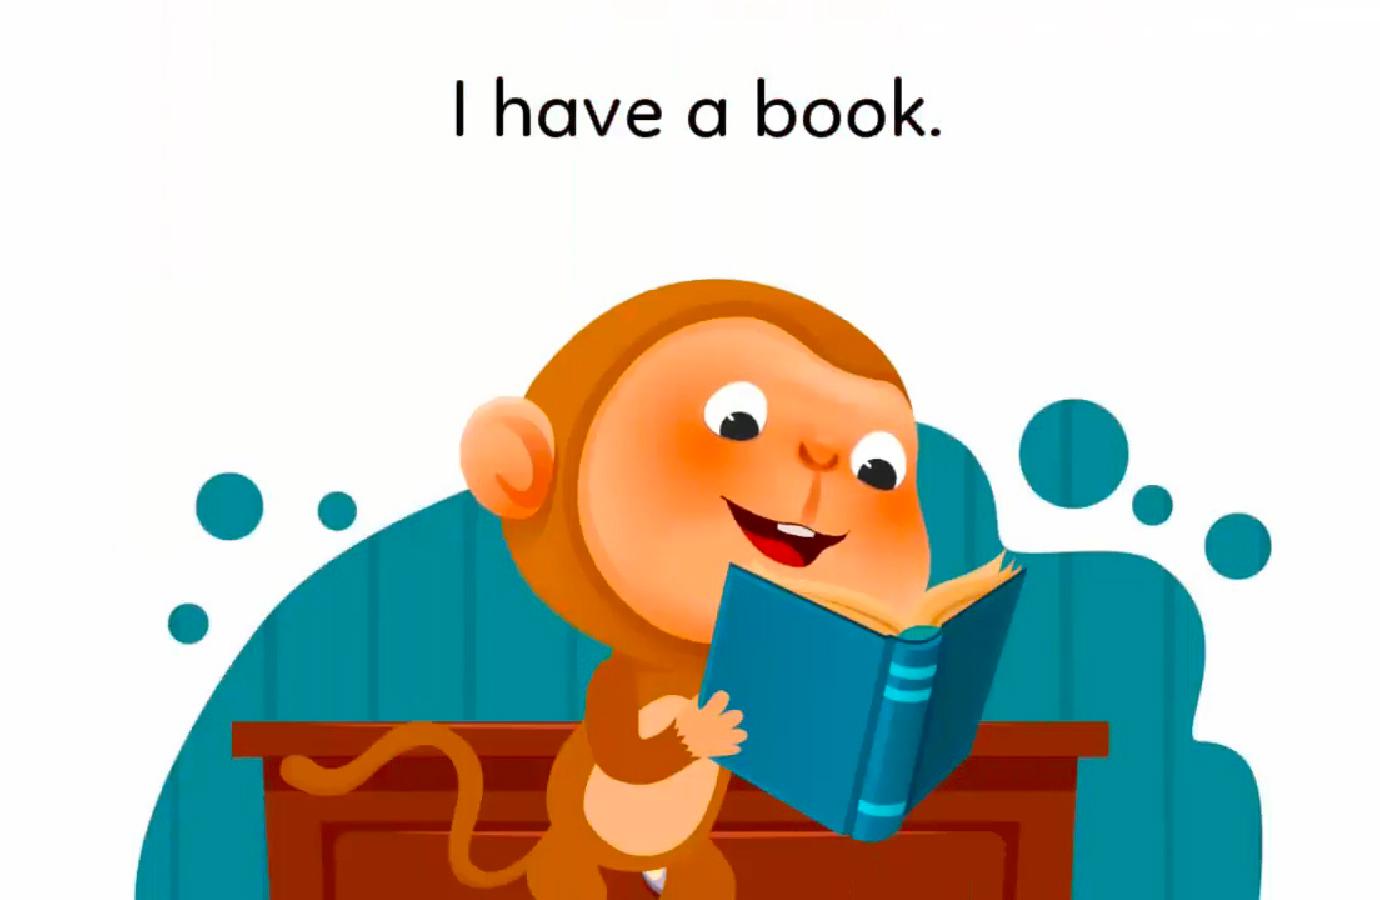 Truyện tranh tiếng Anh hoặc song ngữlà một kênh học Anh văn thích hợp cho trẻ nhỏ